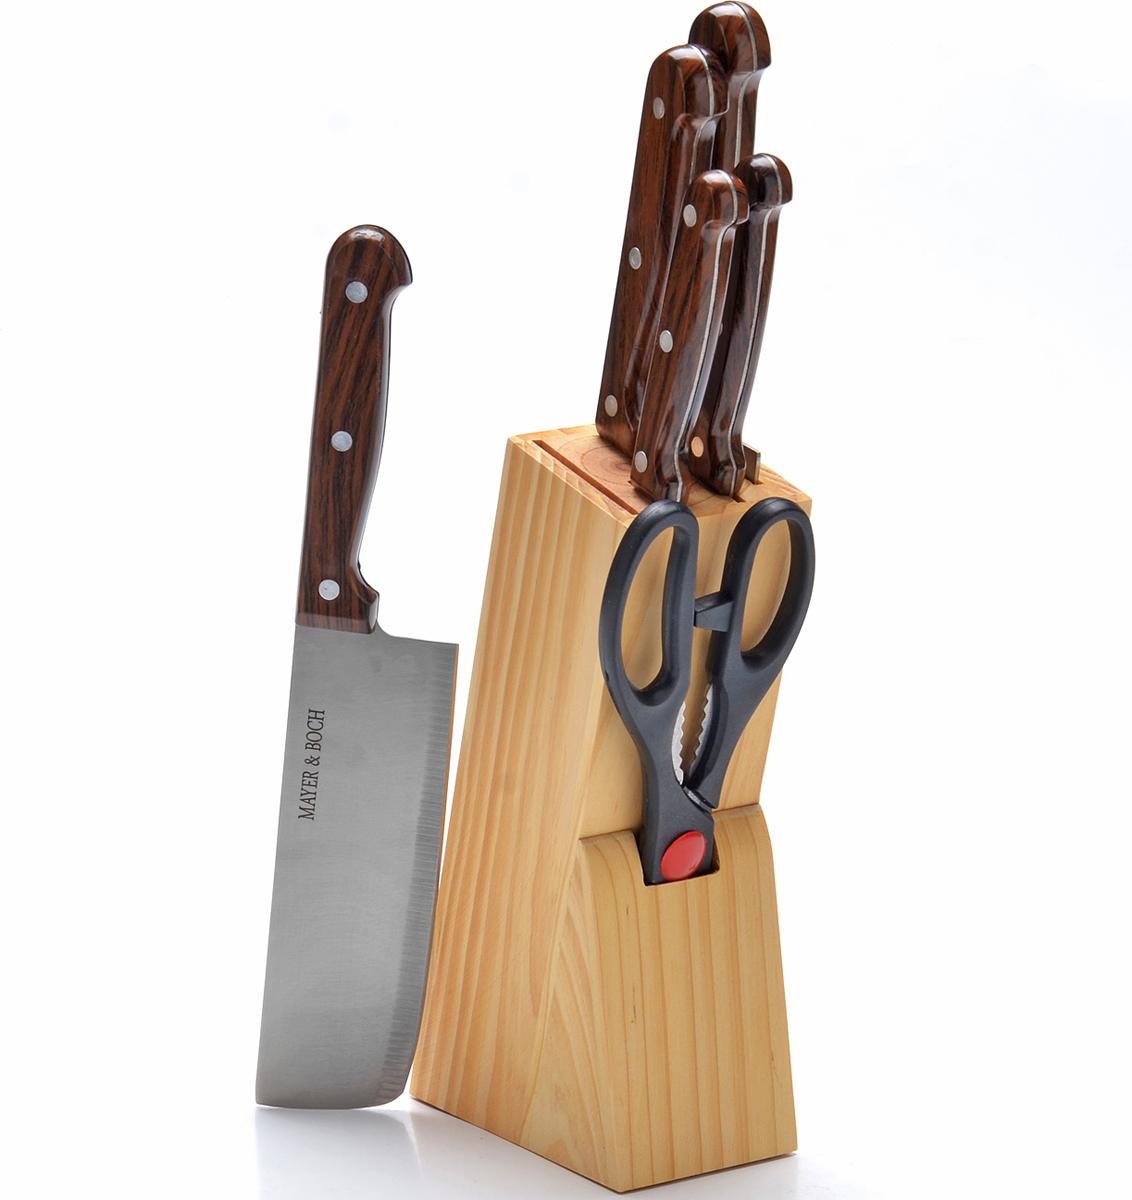 Набор ножей Mayer&Boch, на подставке, 7 предметов. 27426 набор кухонных ножей bohmann на подставке 7 предметов